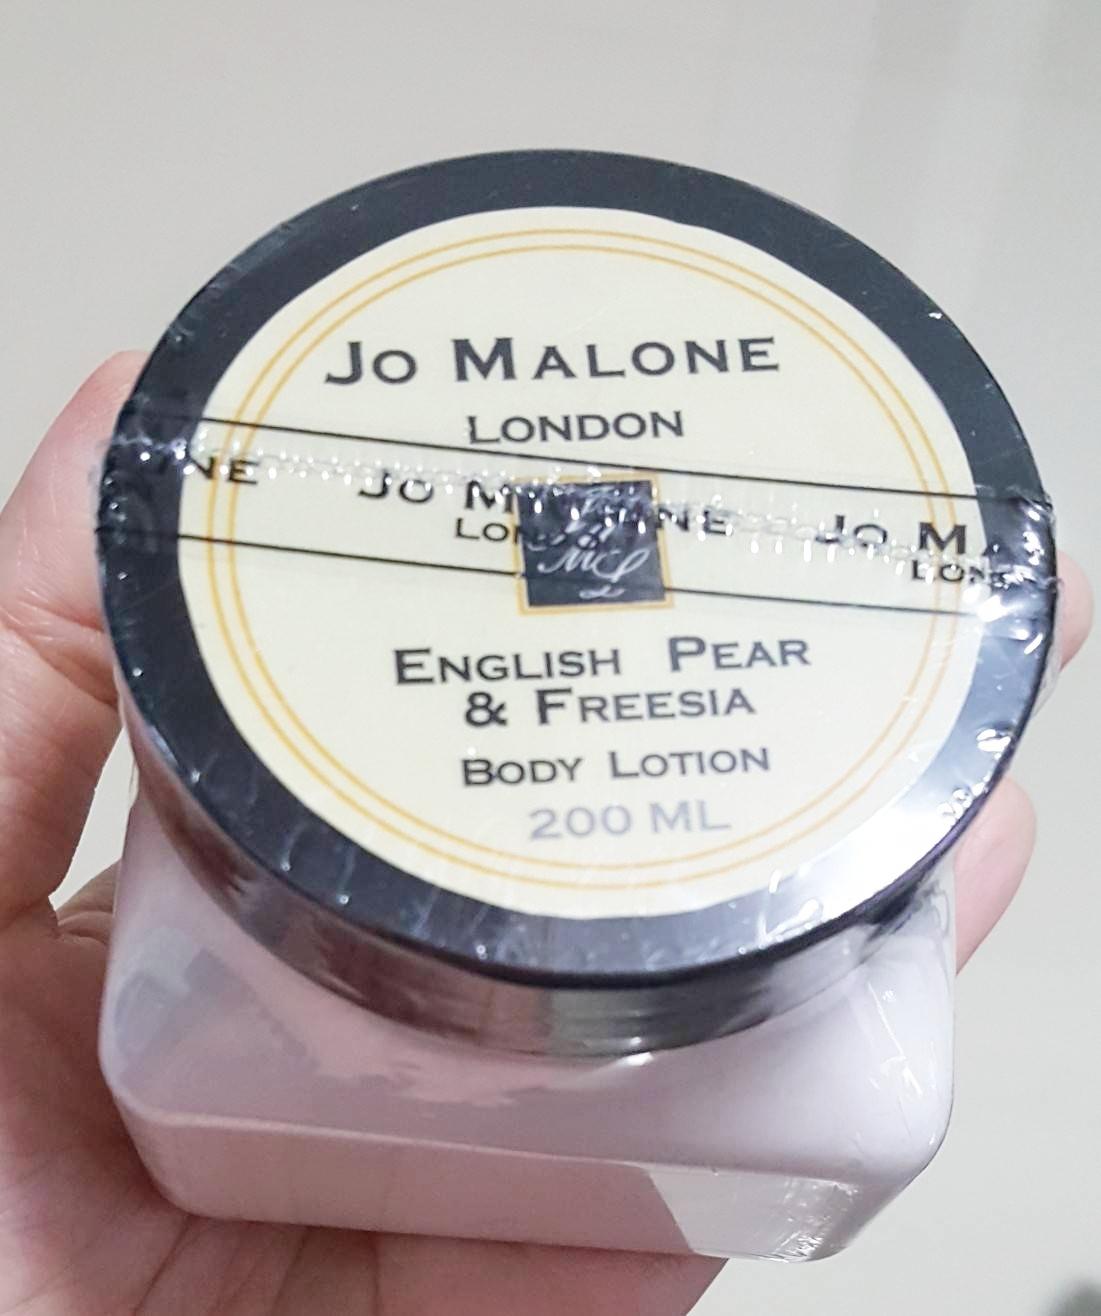 ครีมน้ำหอม Jo Malone English pear  Freesia cologne Body Lotion ขนาดใหม่เพิ่มปริมาณเป็น 250ml.